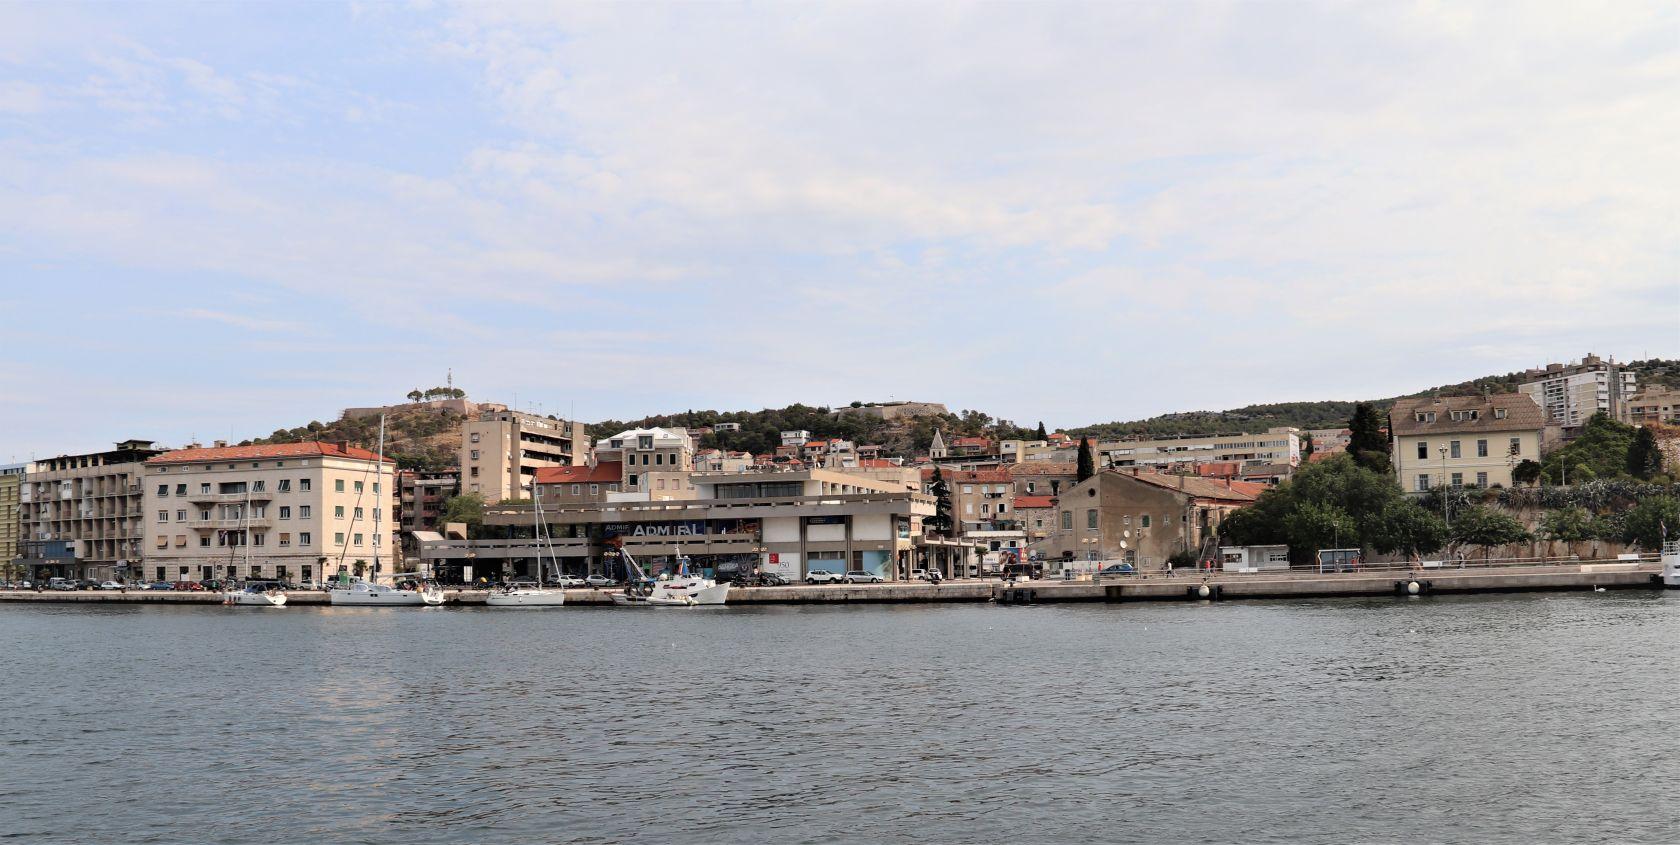 Potpisan ugovor za izradu prometne aplikacije Grada Šibenika